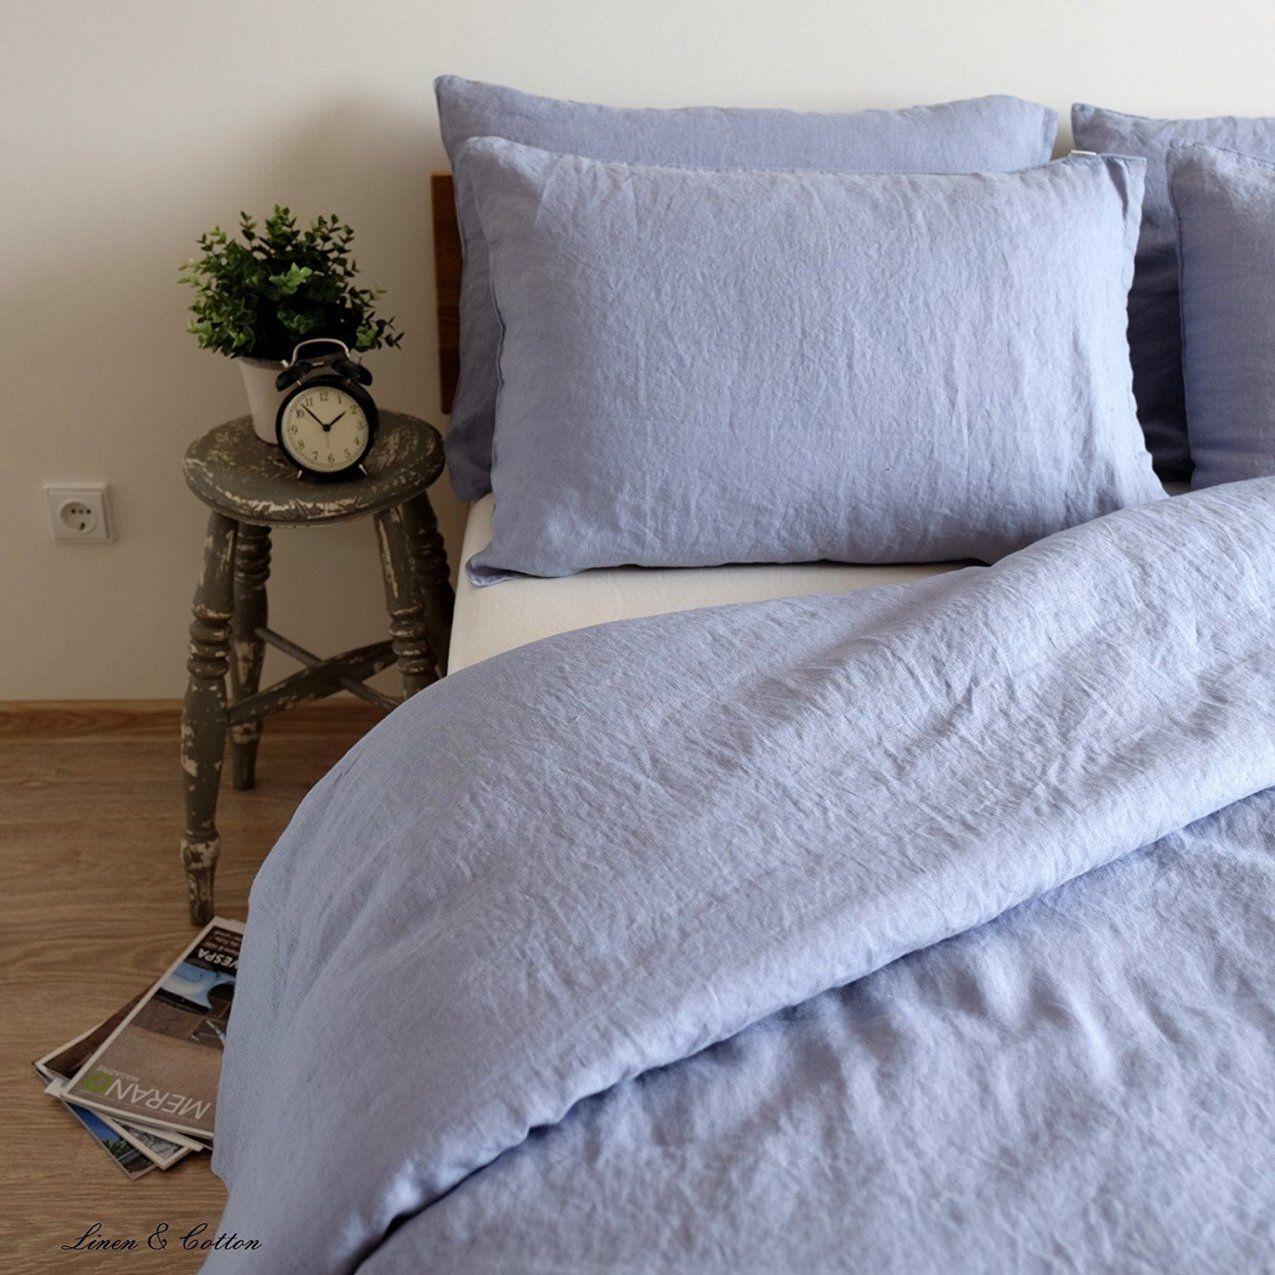 Hervorragend Leinen Bettwäsche Pflege  Bettwäsche Ideen von Leinen Bettwäsche Stonewashed Photo